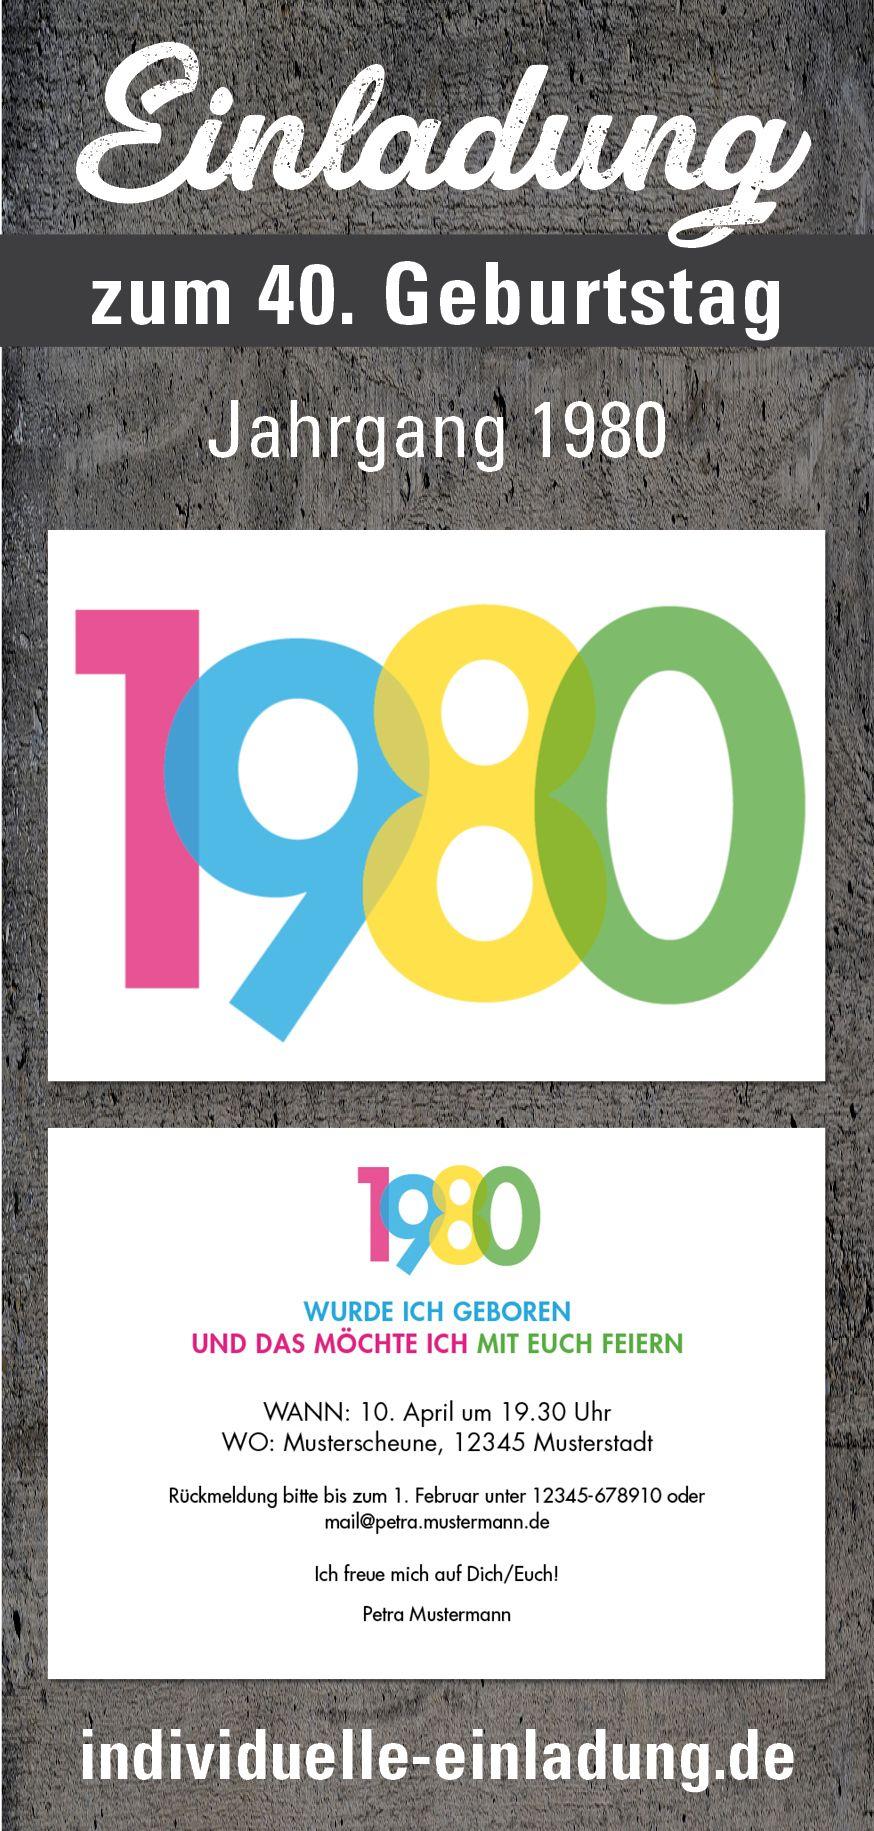 Einladung Zum 40 Geburtstag Jahrgang 1980 Einladung 50 Geburtstag